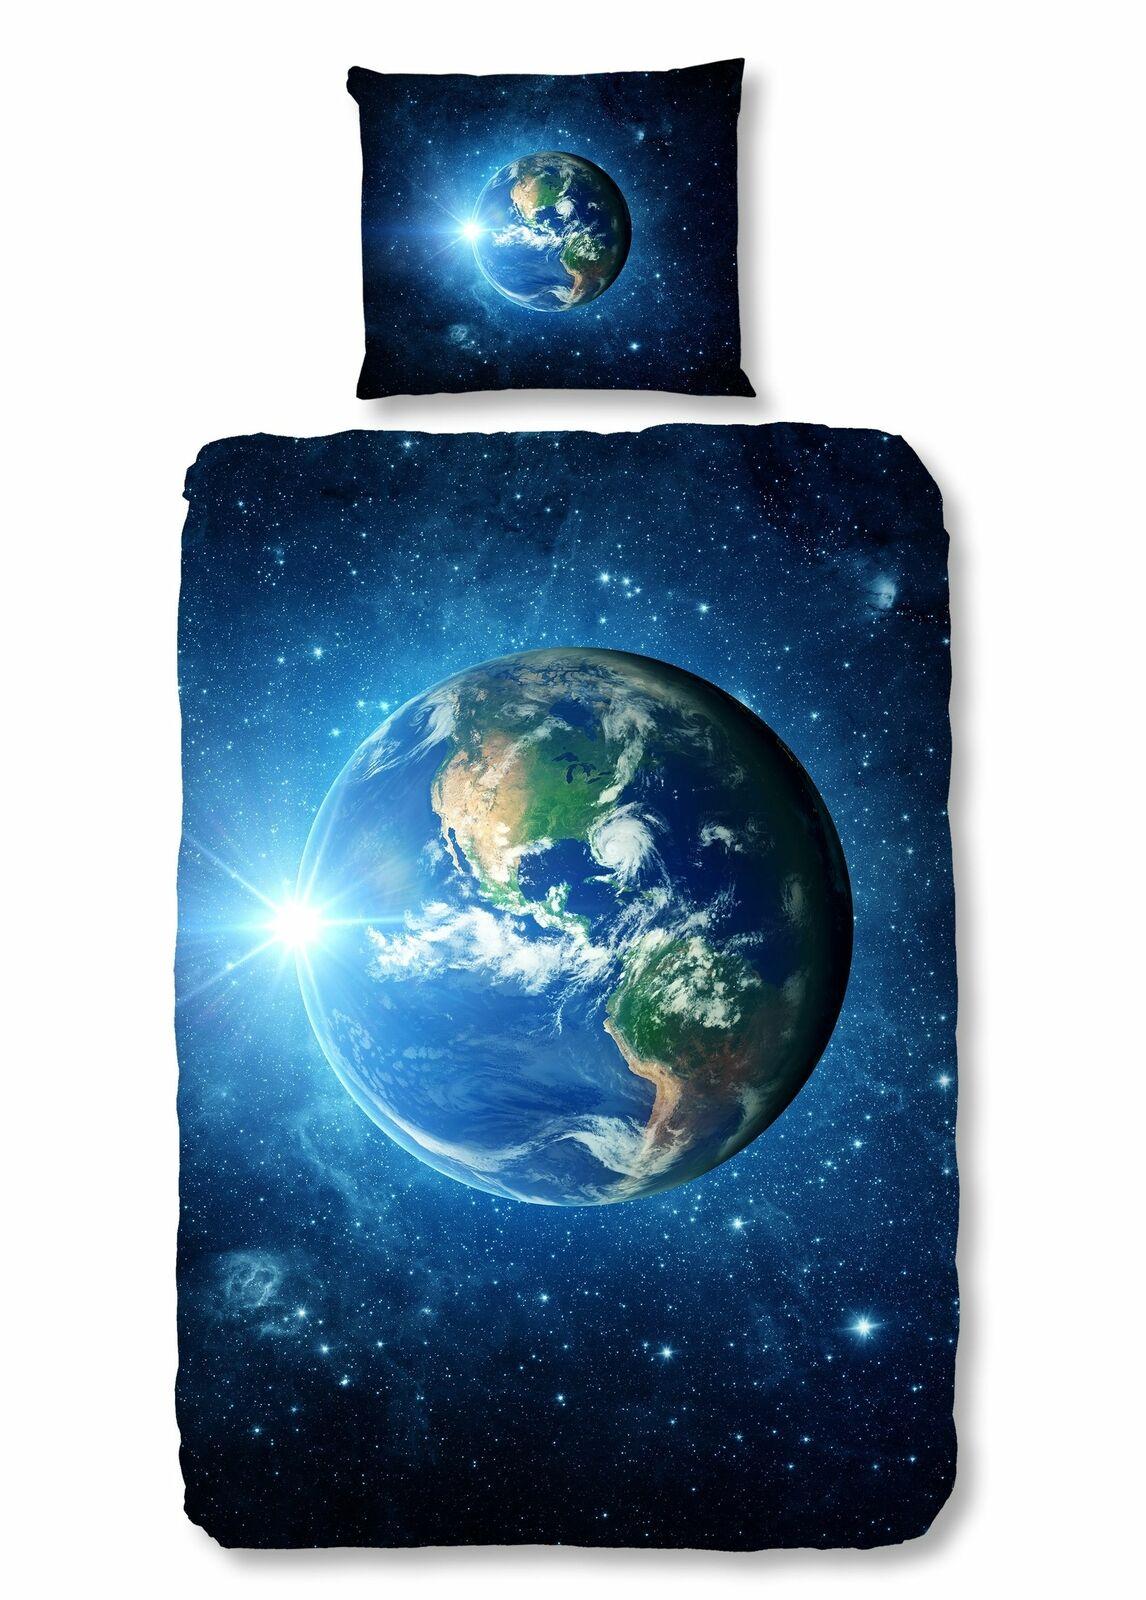 4 tlg Kinder Bettwäsche 135x200 cm Weltall Erde Stern weiß blau Baumwolle Set